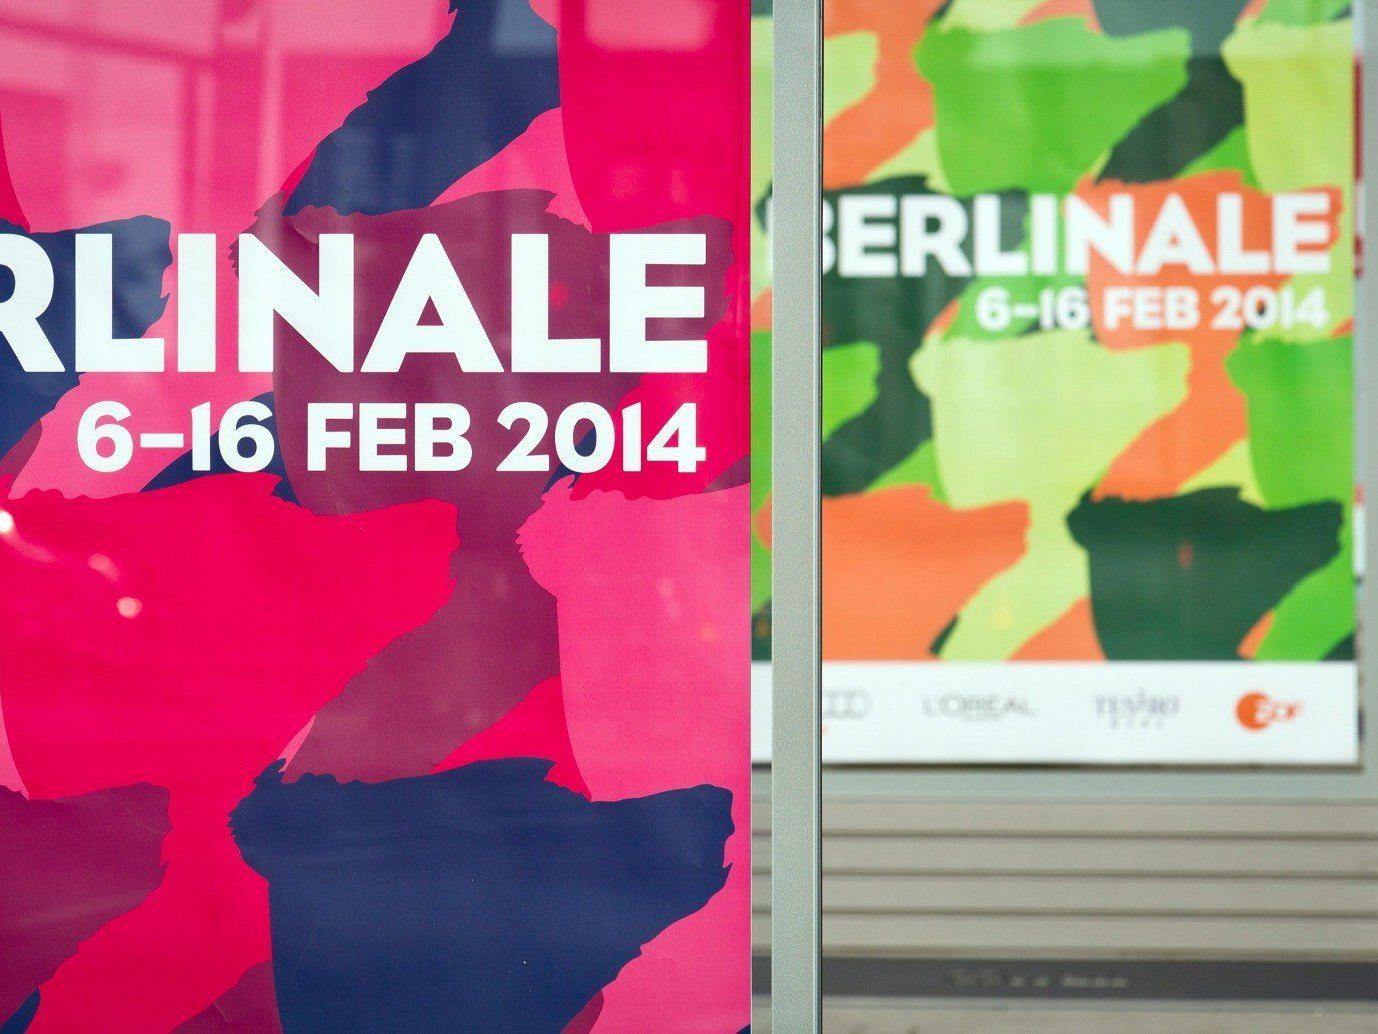 64. Berlinale mit elf österreichischen Filmen - Special für Prochaska